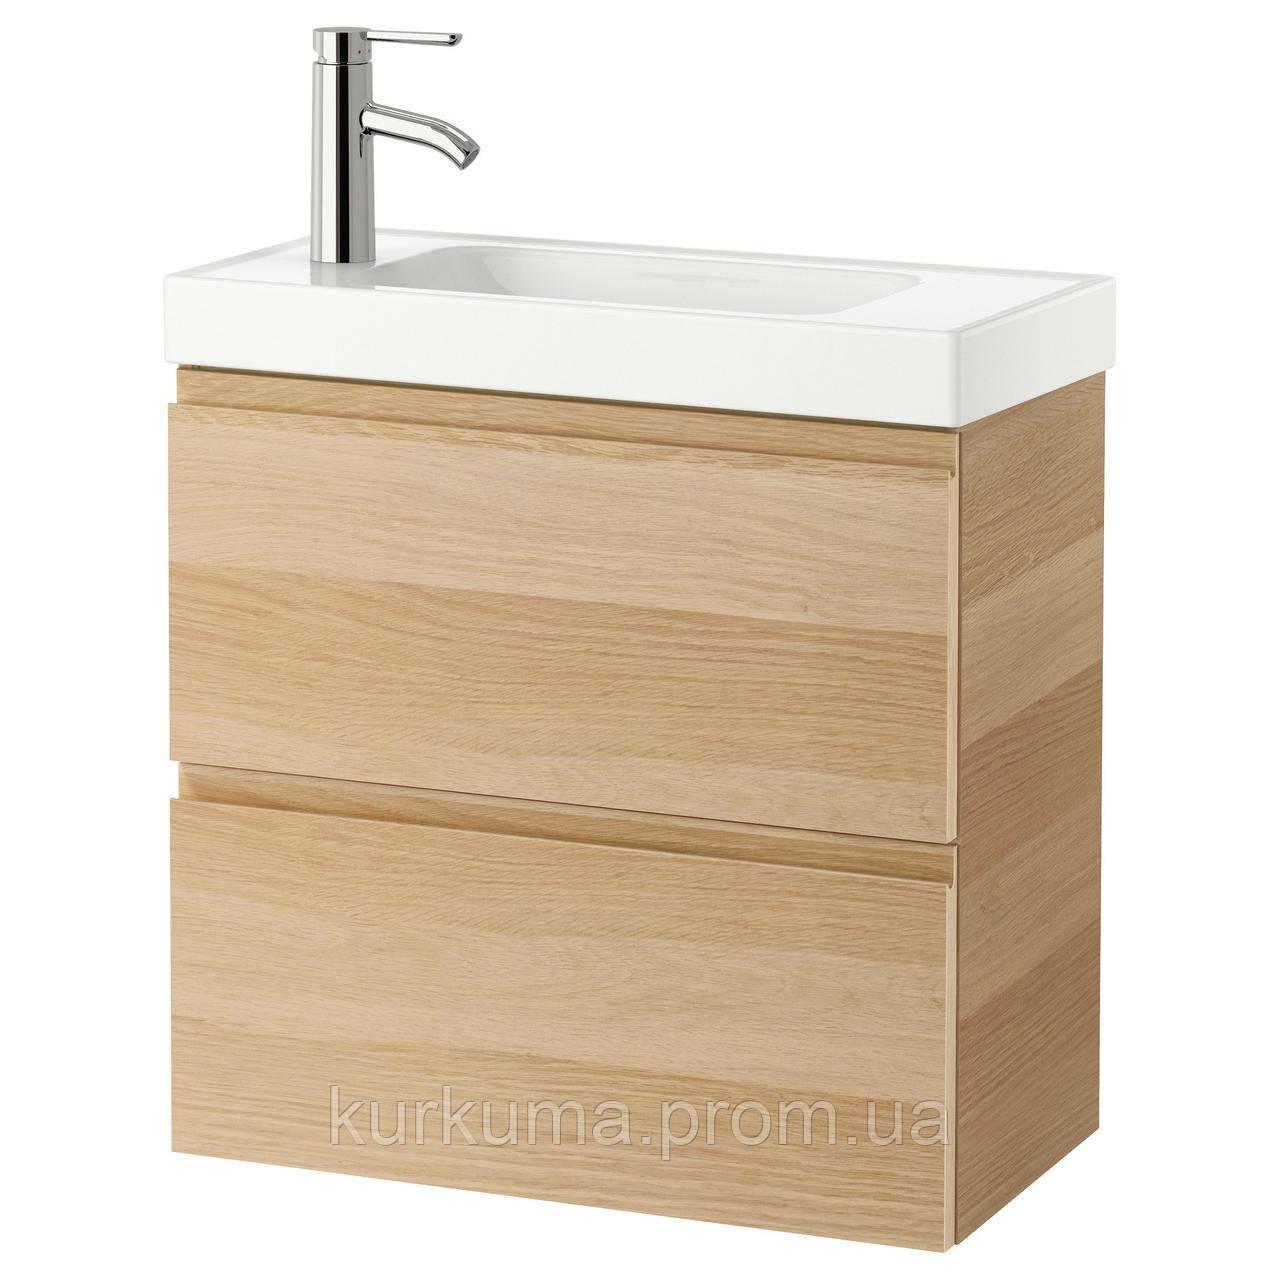 IKEA GODMORGON/HAGAVIKEN Шкаф под умывальник с раковиной, дуб окрашенный в белый цвет  (991.560.35)